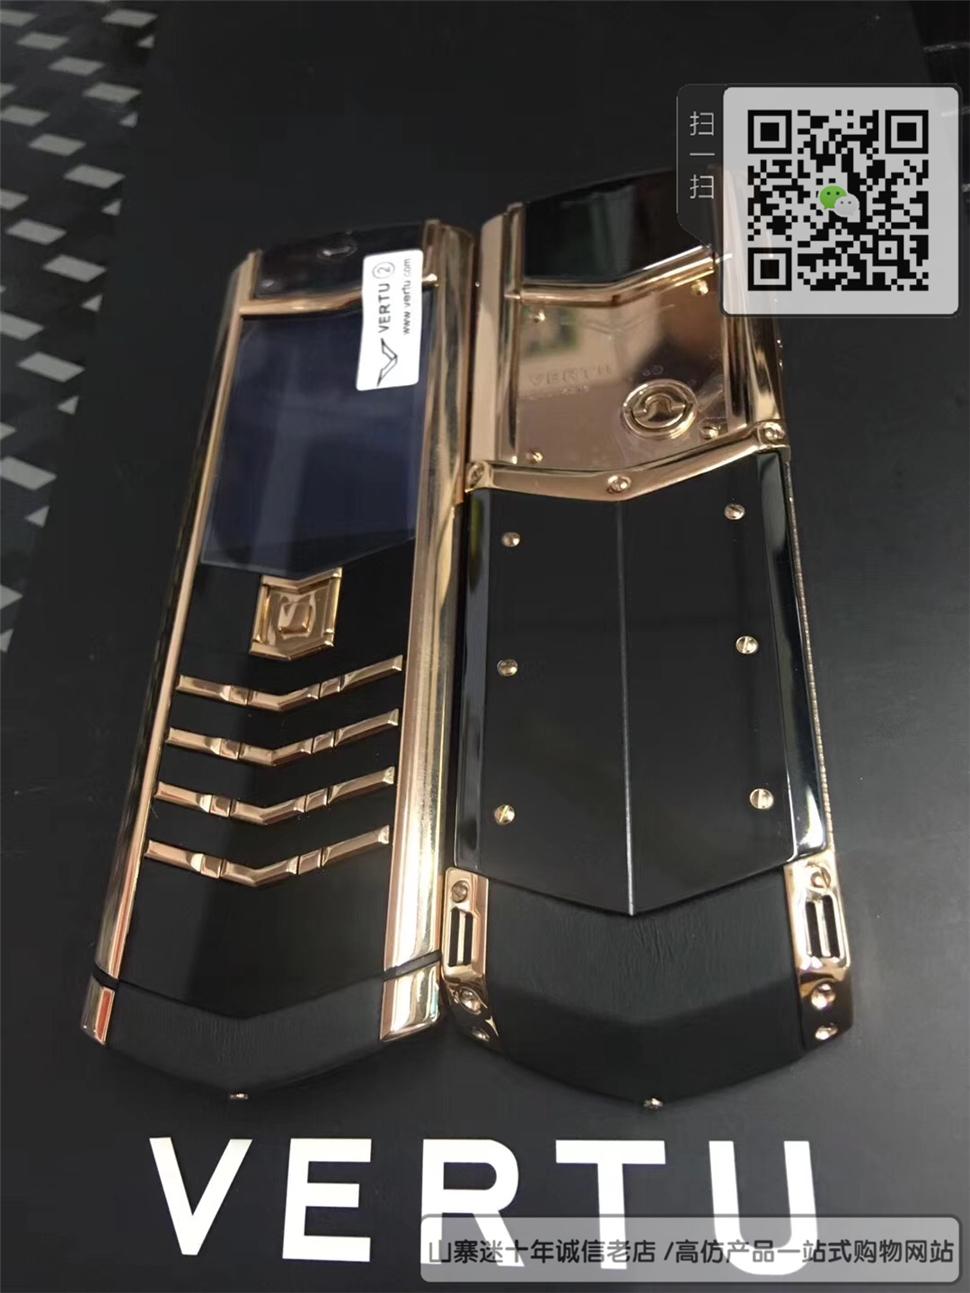 高仿威图VERTU总裁签名版手机 - 黑色+玫瑰色 - 陶瓷-隐藏键盘☼